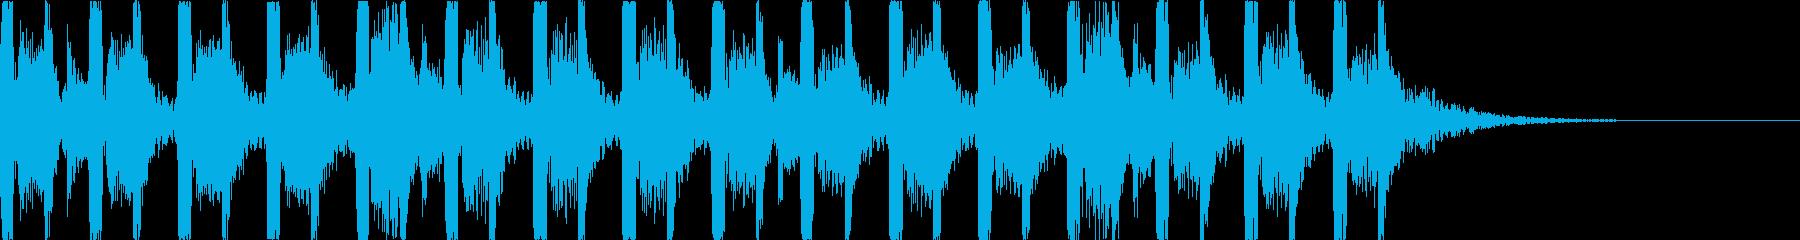 キャッチーでダークなEDM2の再生済みの波形